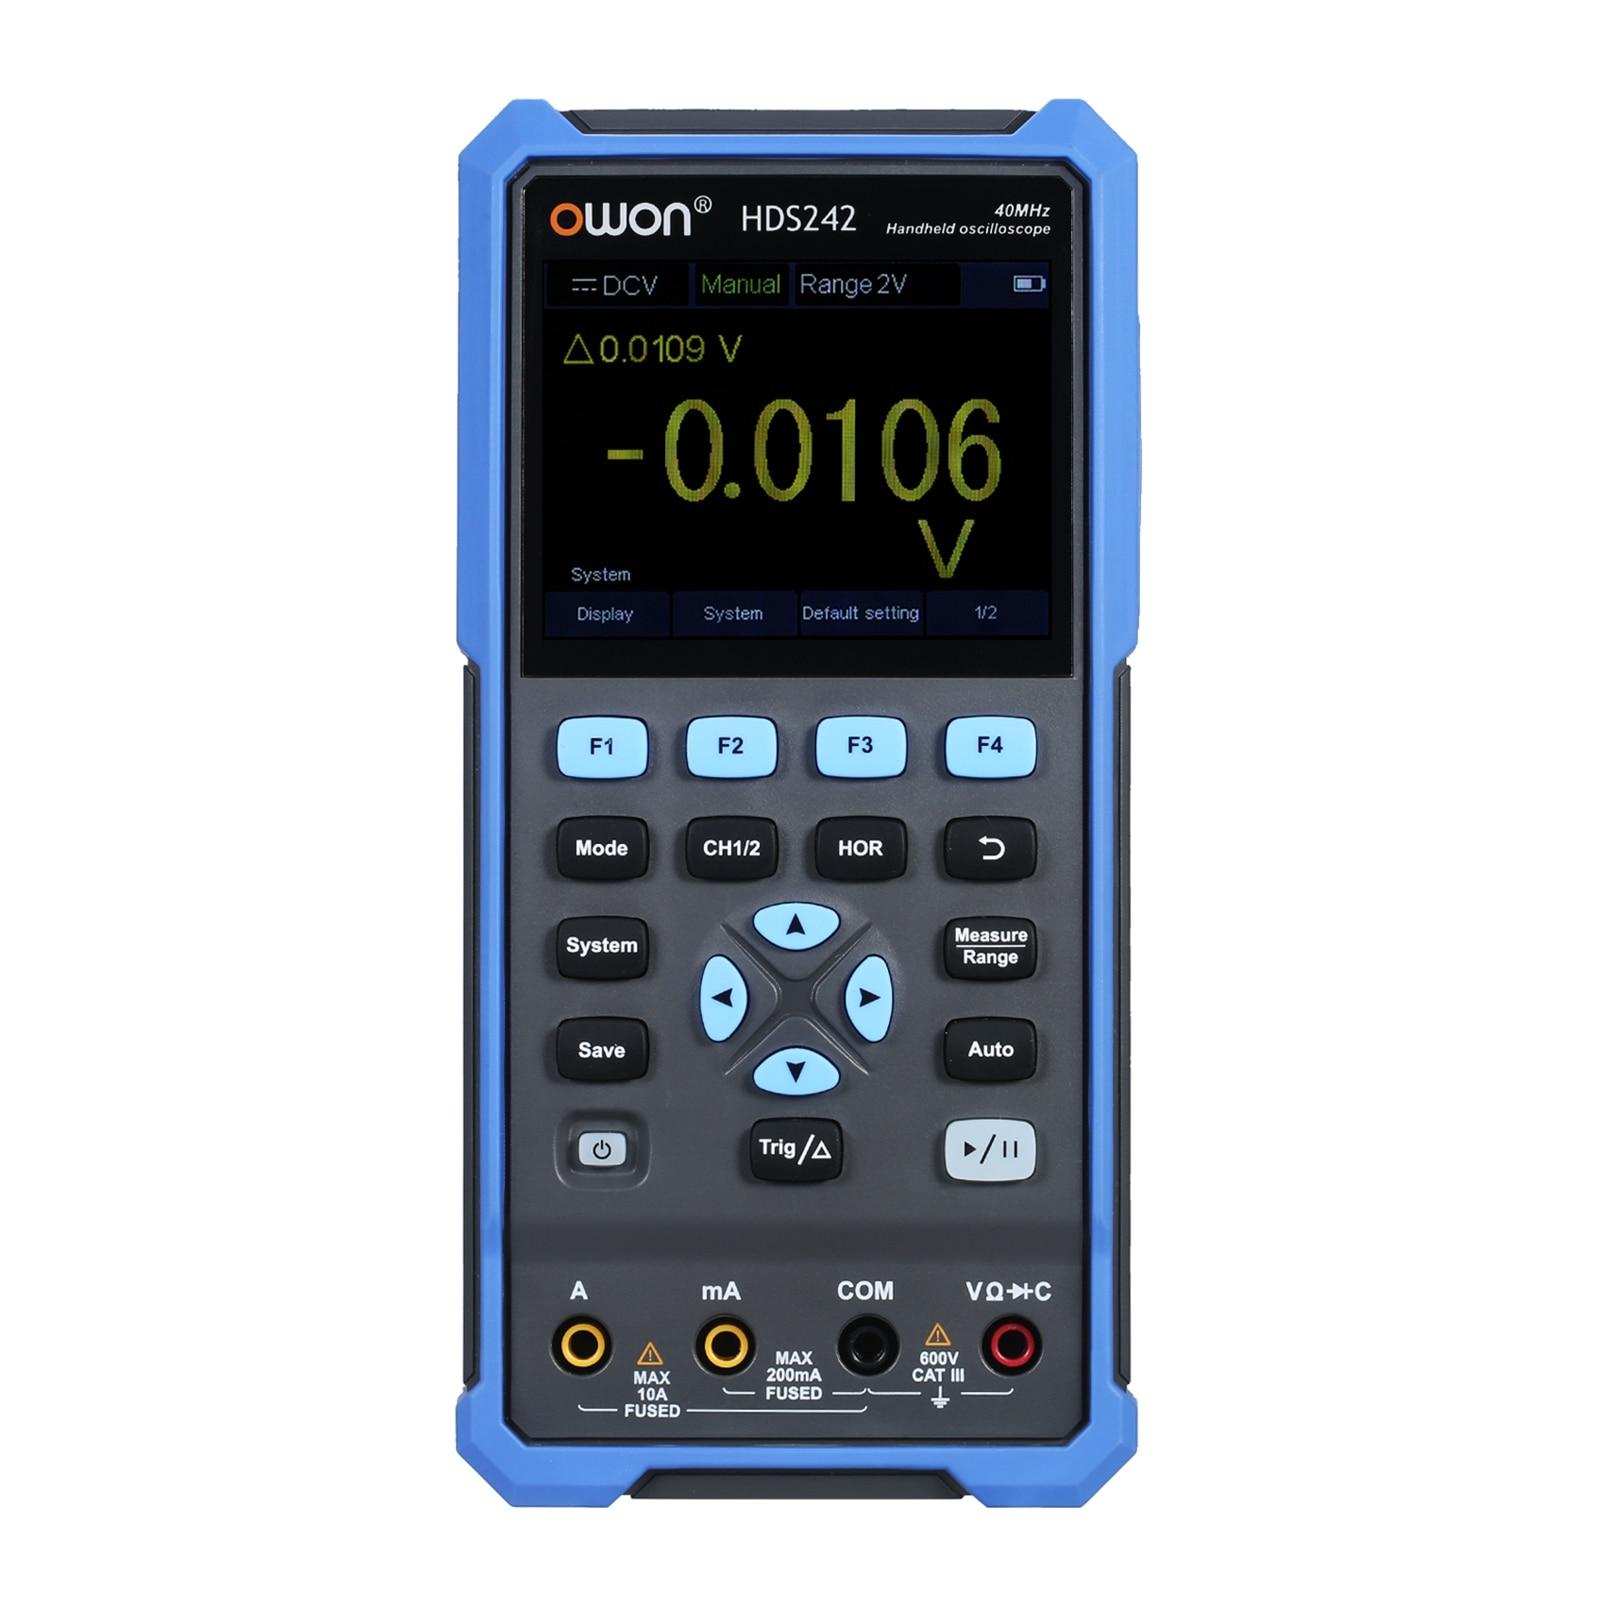 Owin HDS242 HDS272 3 في 1 يده ملتقط الذبذبات الرقمي مولد الموجي المتعدد 2CH USB TypeC 40/70MHz 3.5 LCD اختبار متر